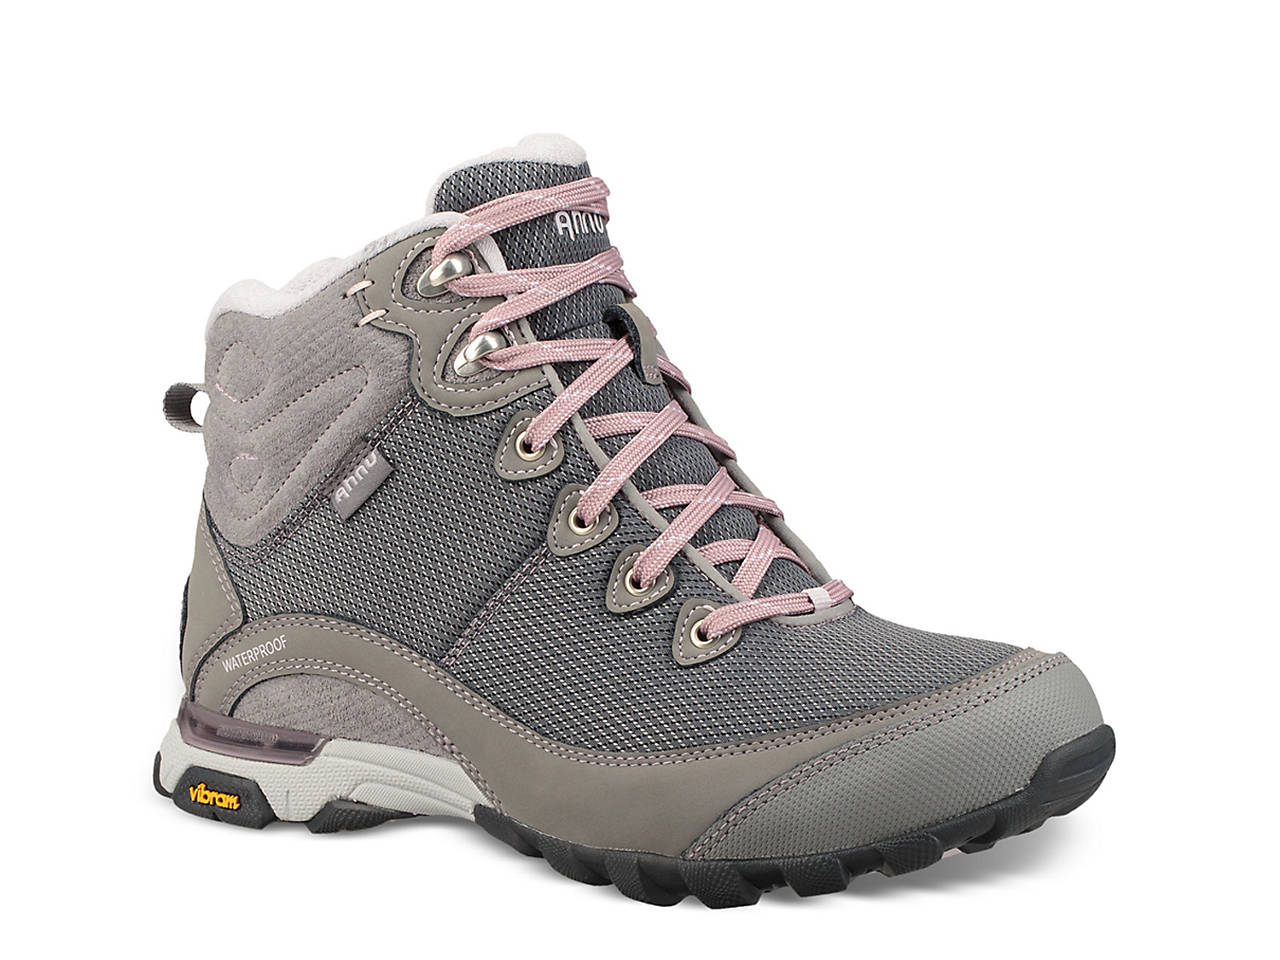 b829bc056ea Sugarpine II Hiking Boot